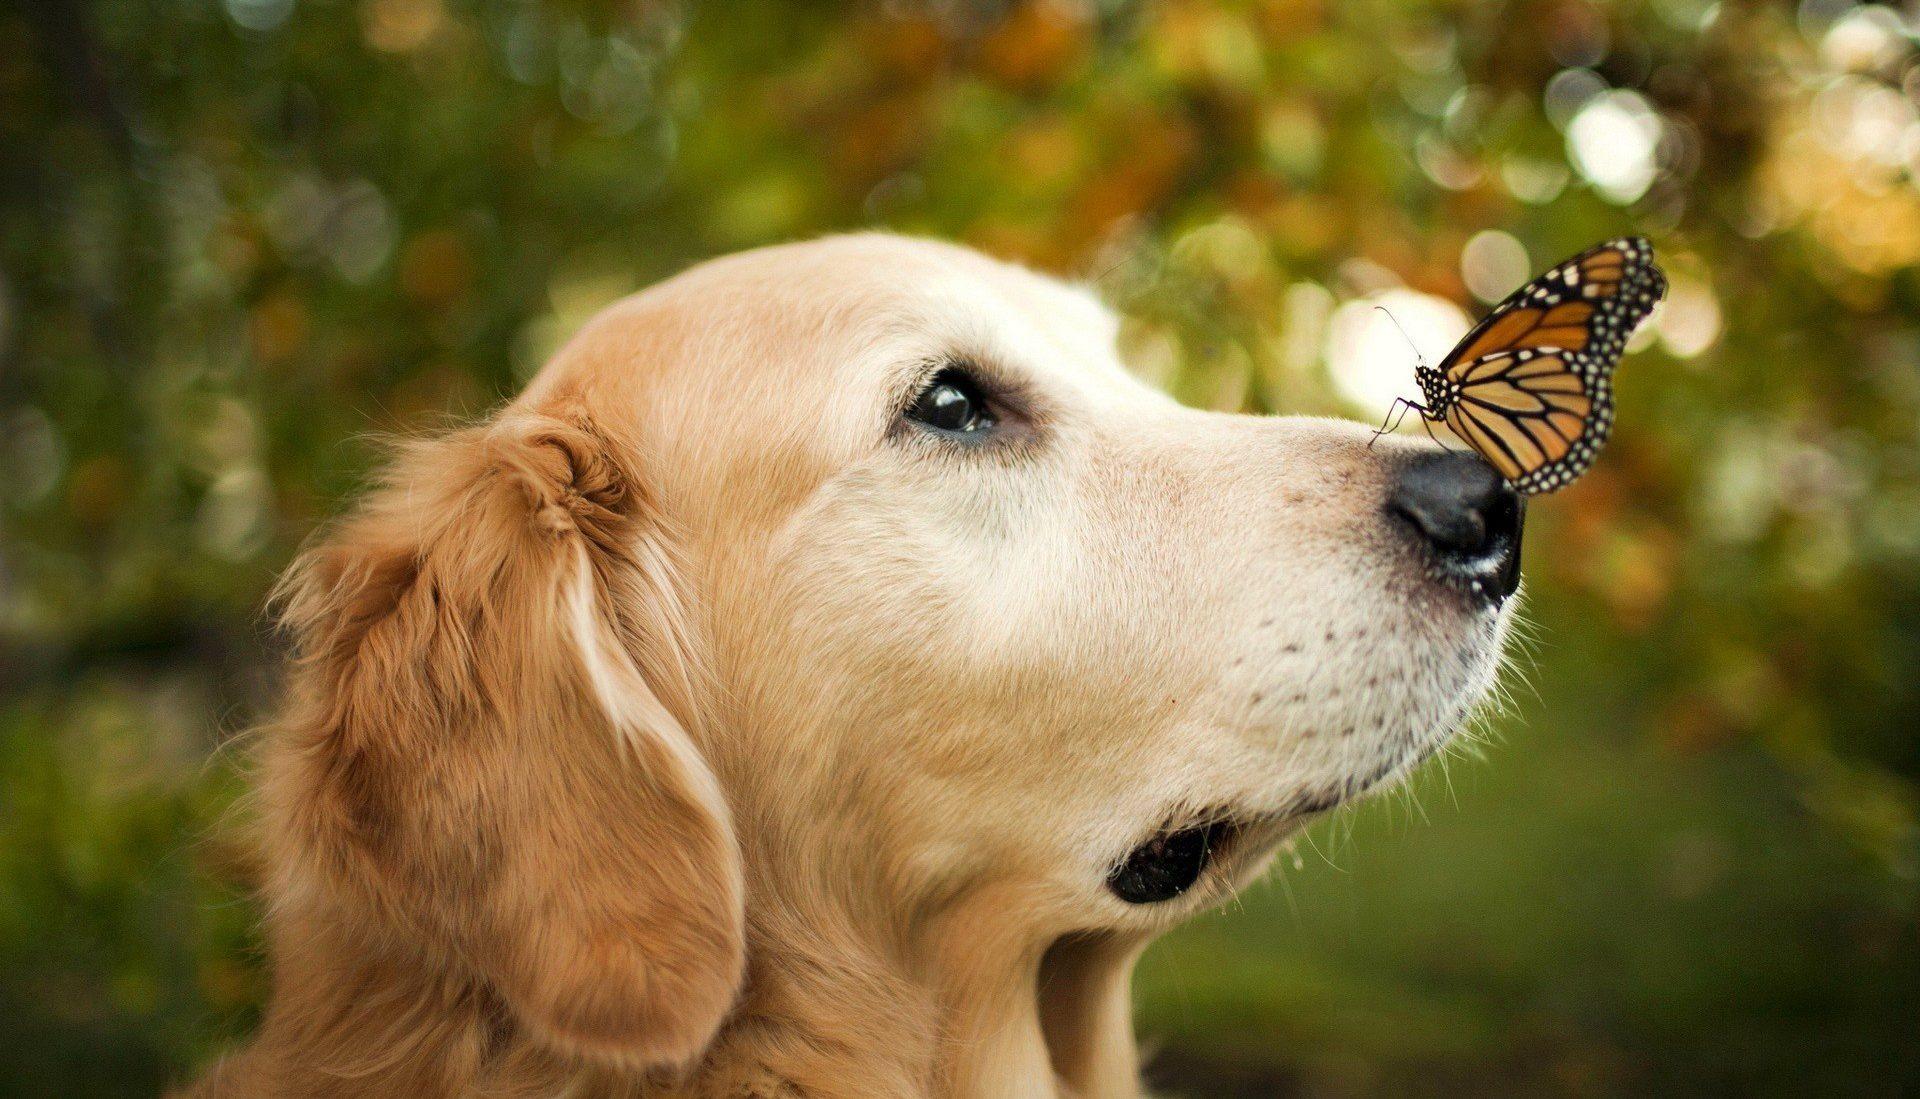 Аспергиллез верхних дыхательных путей кошек и собак